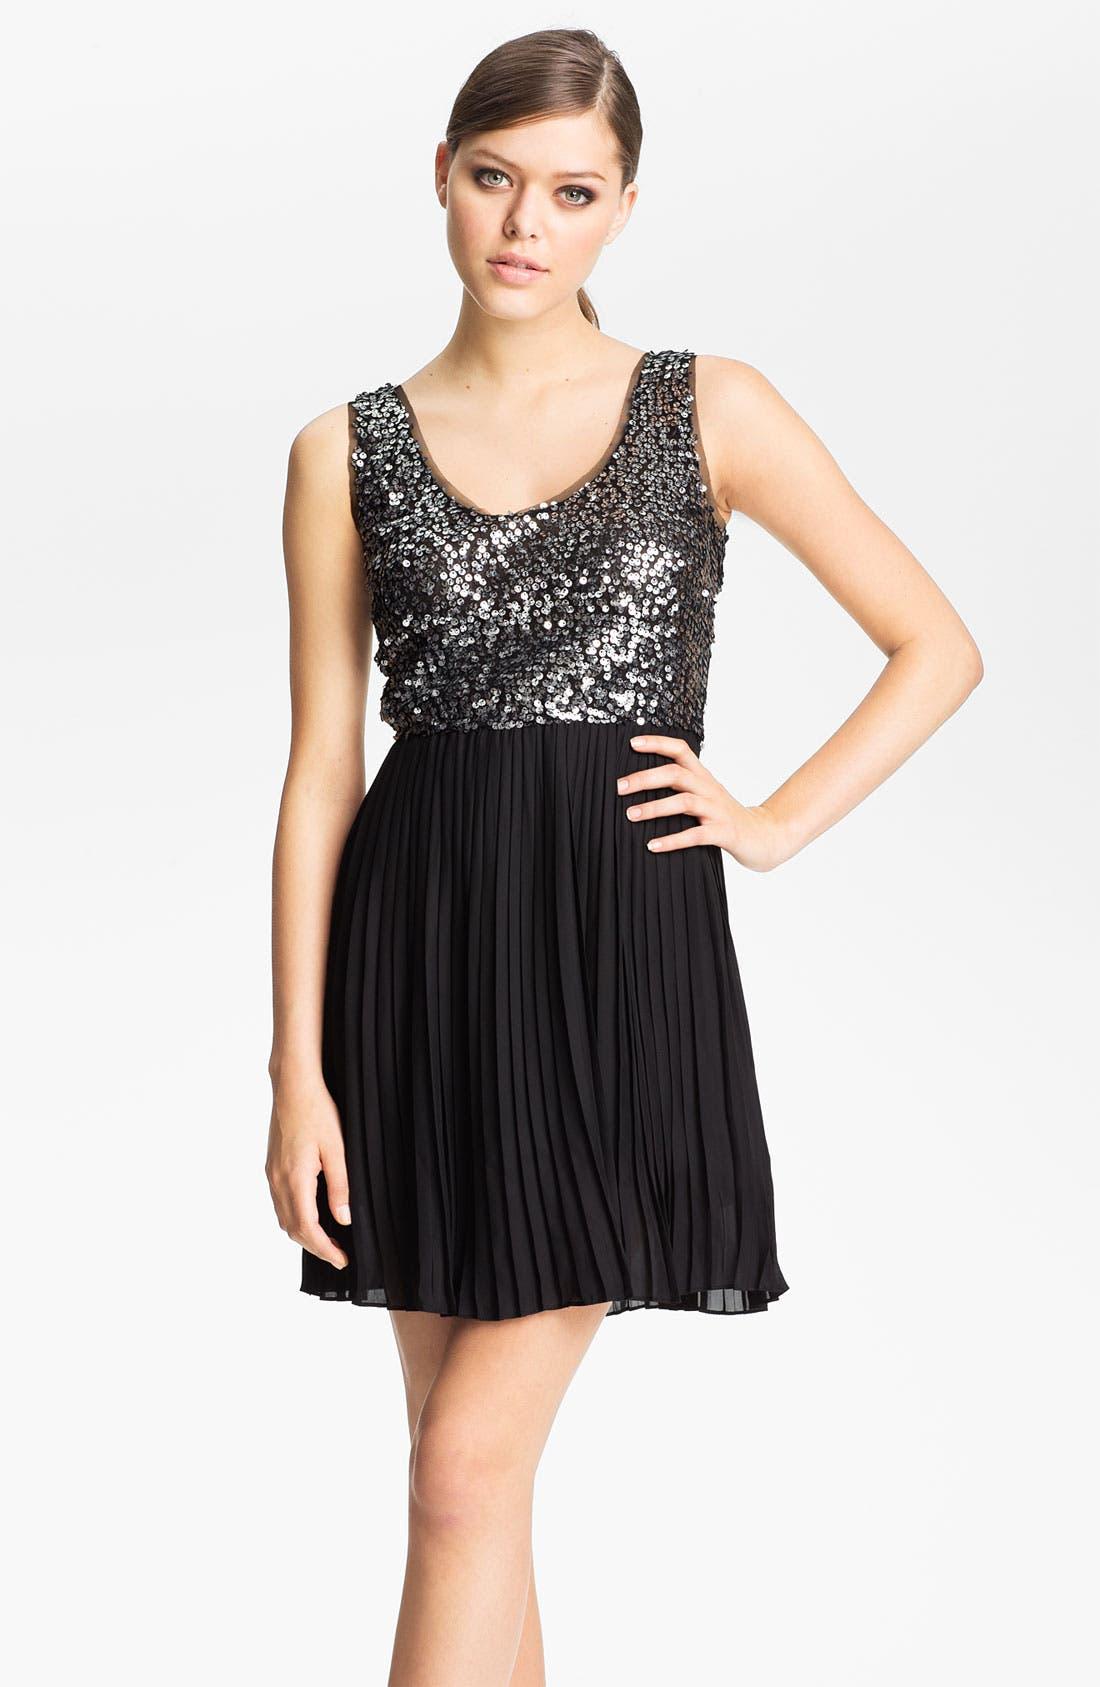 Alternate Image 1 Selected - BB Dakota 'Olsen' Sequin & Chiffon Blouson Dress